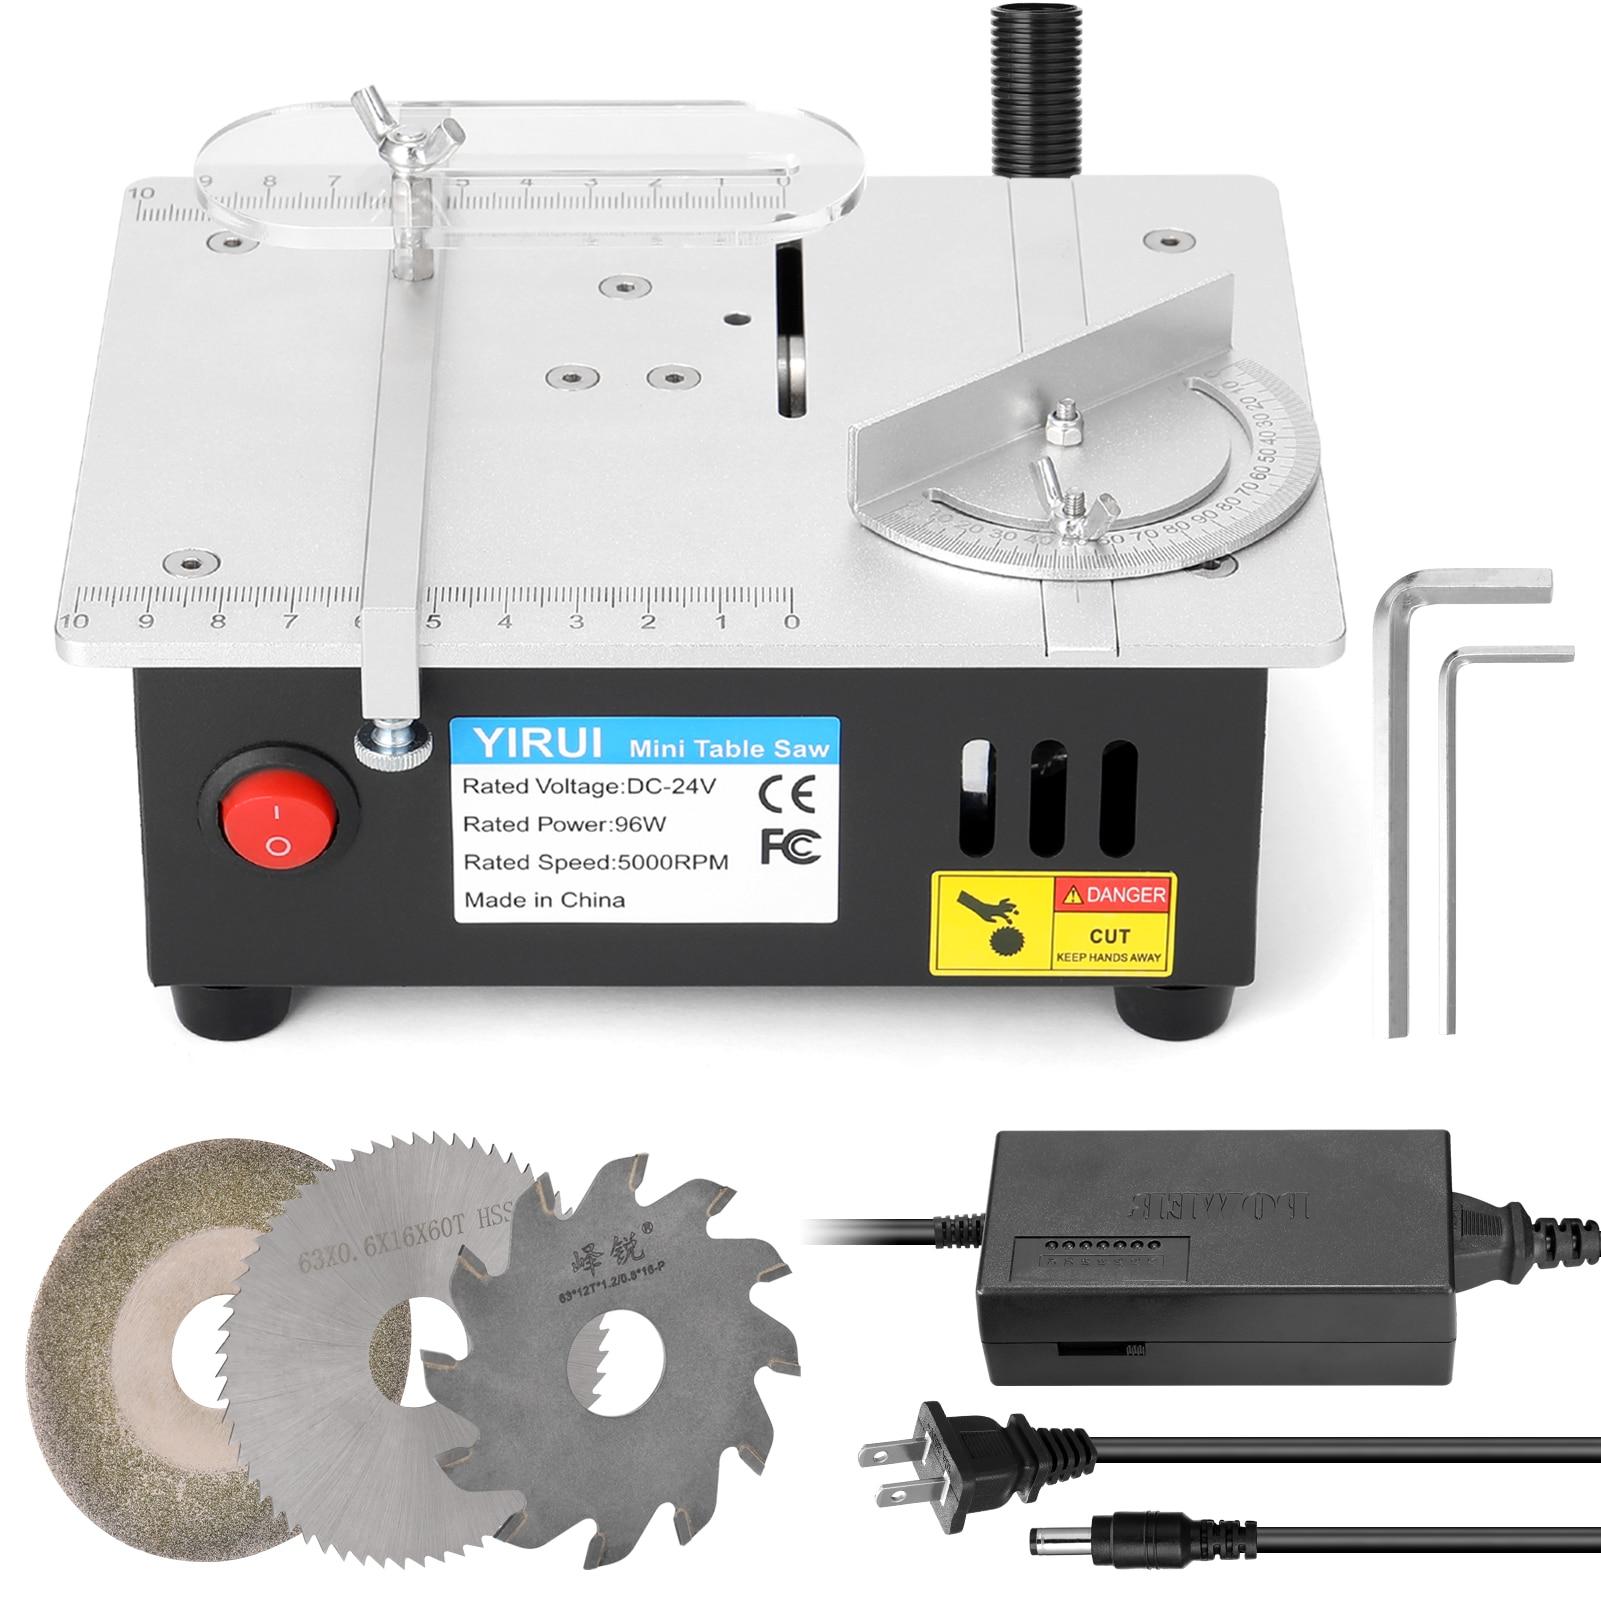 مصغرة متعددة الوظائف الكهربائية الجدول المنشار سطح مكتب كهربائي مناشير صغيرة أداة القطع المنزلية مخرطة النجارة قاطع خشب آلة